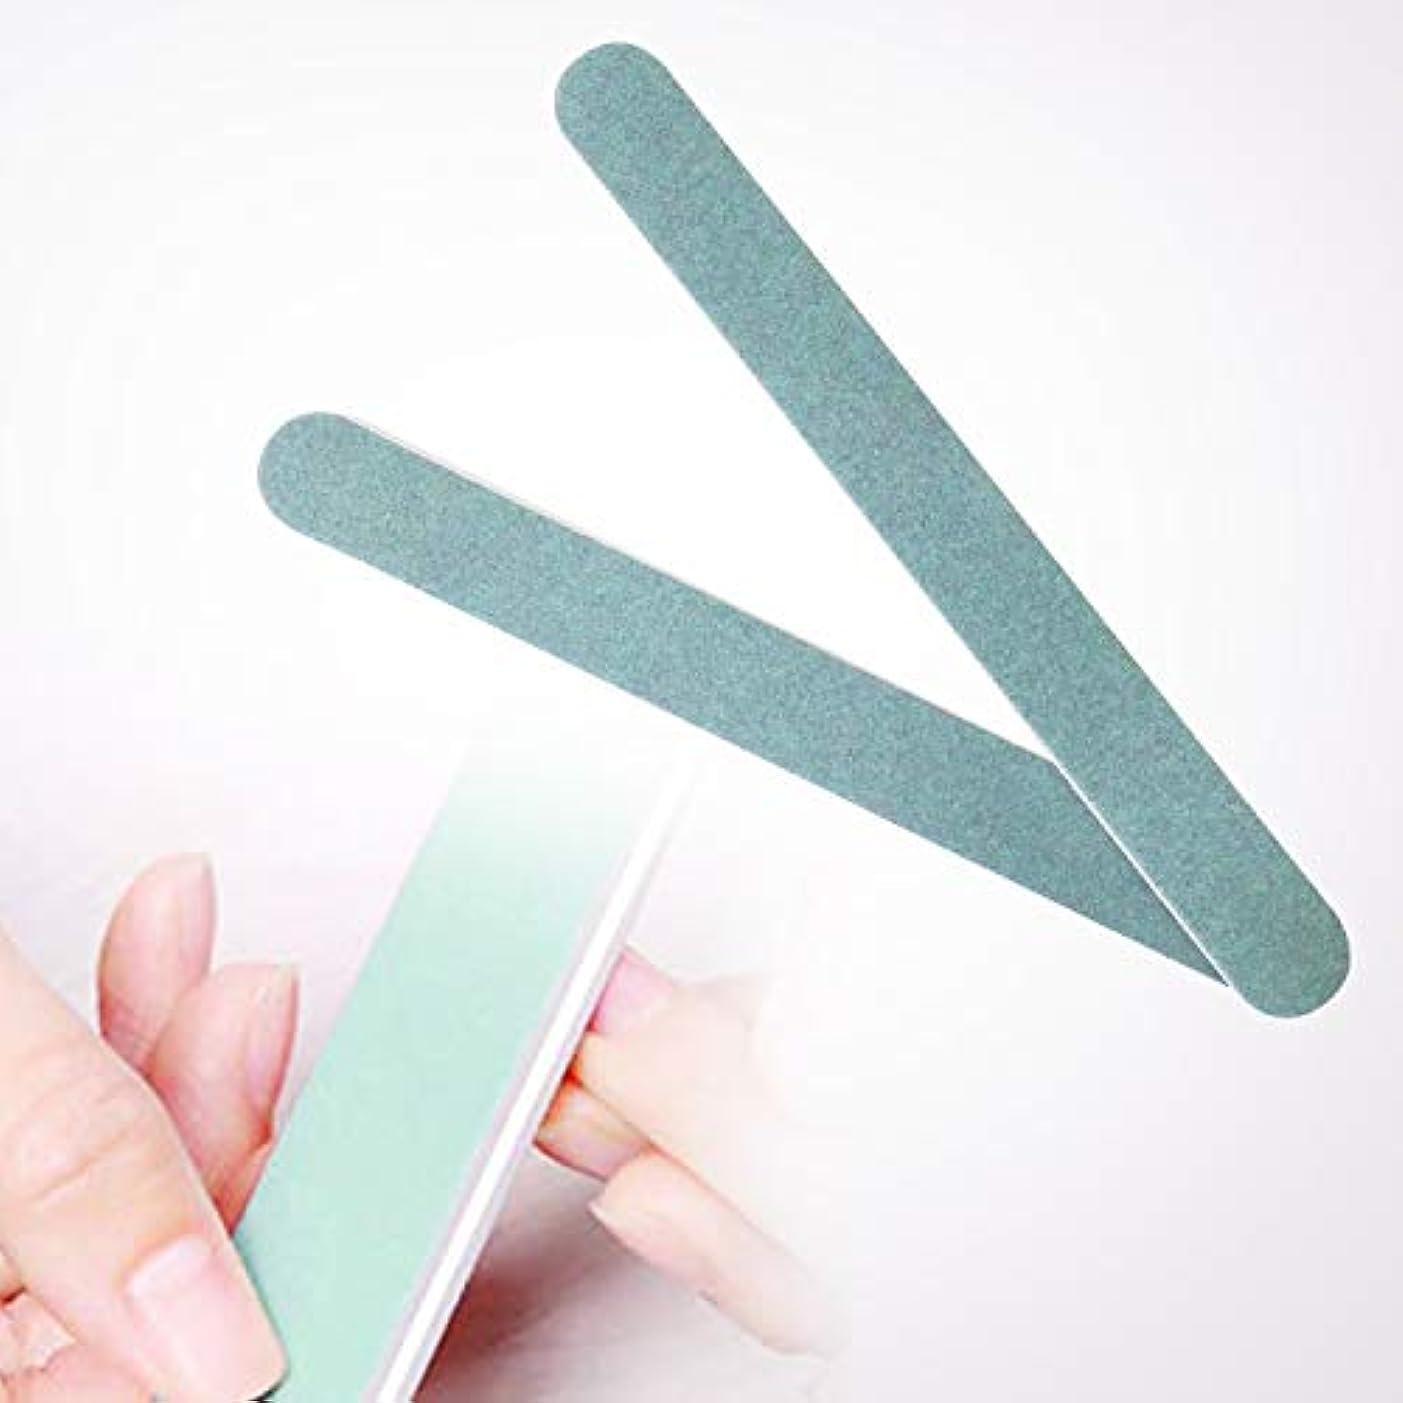 結晶大人ウェイドurlifeエリコネイル エメリーボード パーフェクトシャイン ネイルをつやつやにするスポンジネイルファイル 両面使えるマニキュアDIYのソフトファイル 爪磨き 爪に優しい爪やすり 2本入